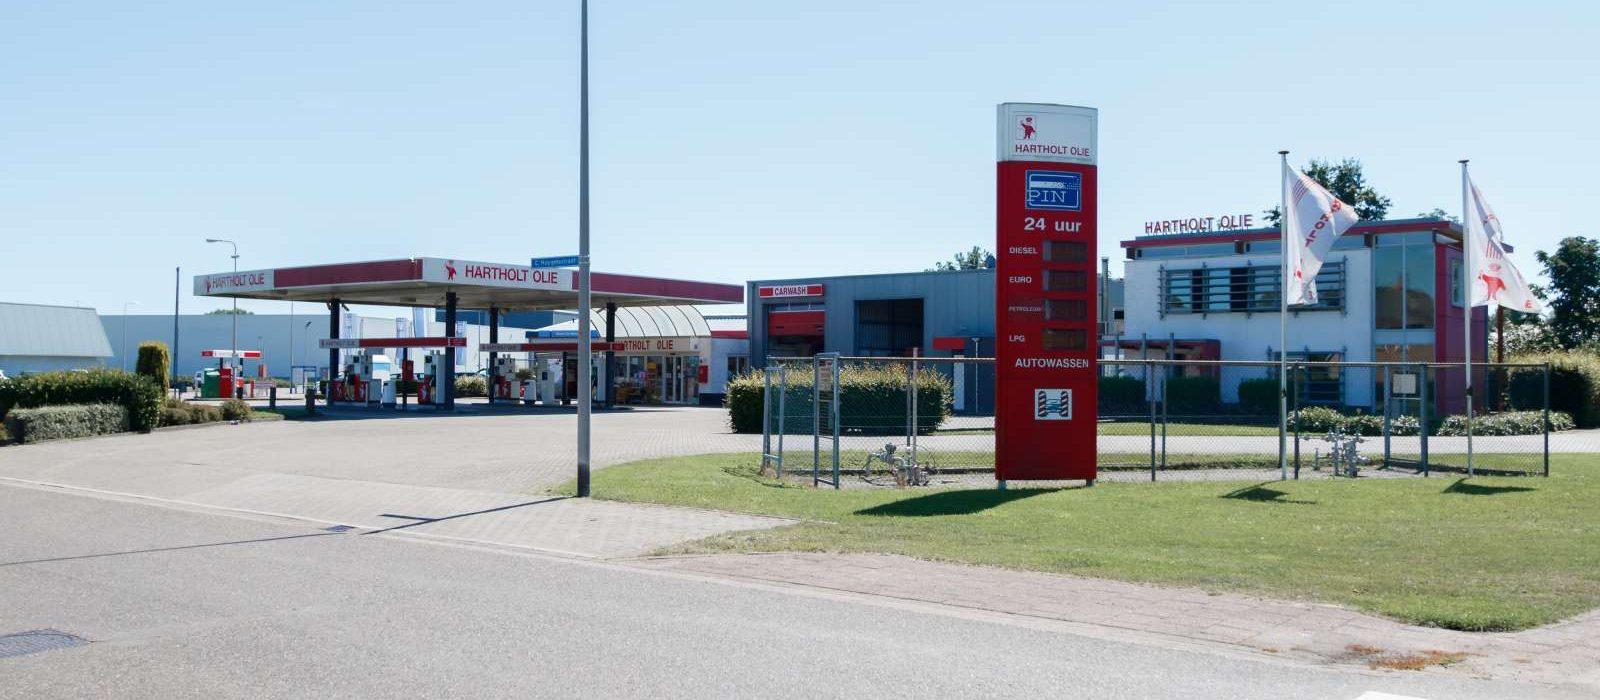 Hartholt Olie benzinestation Heino